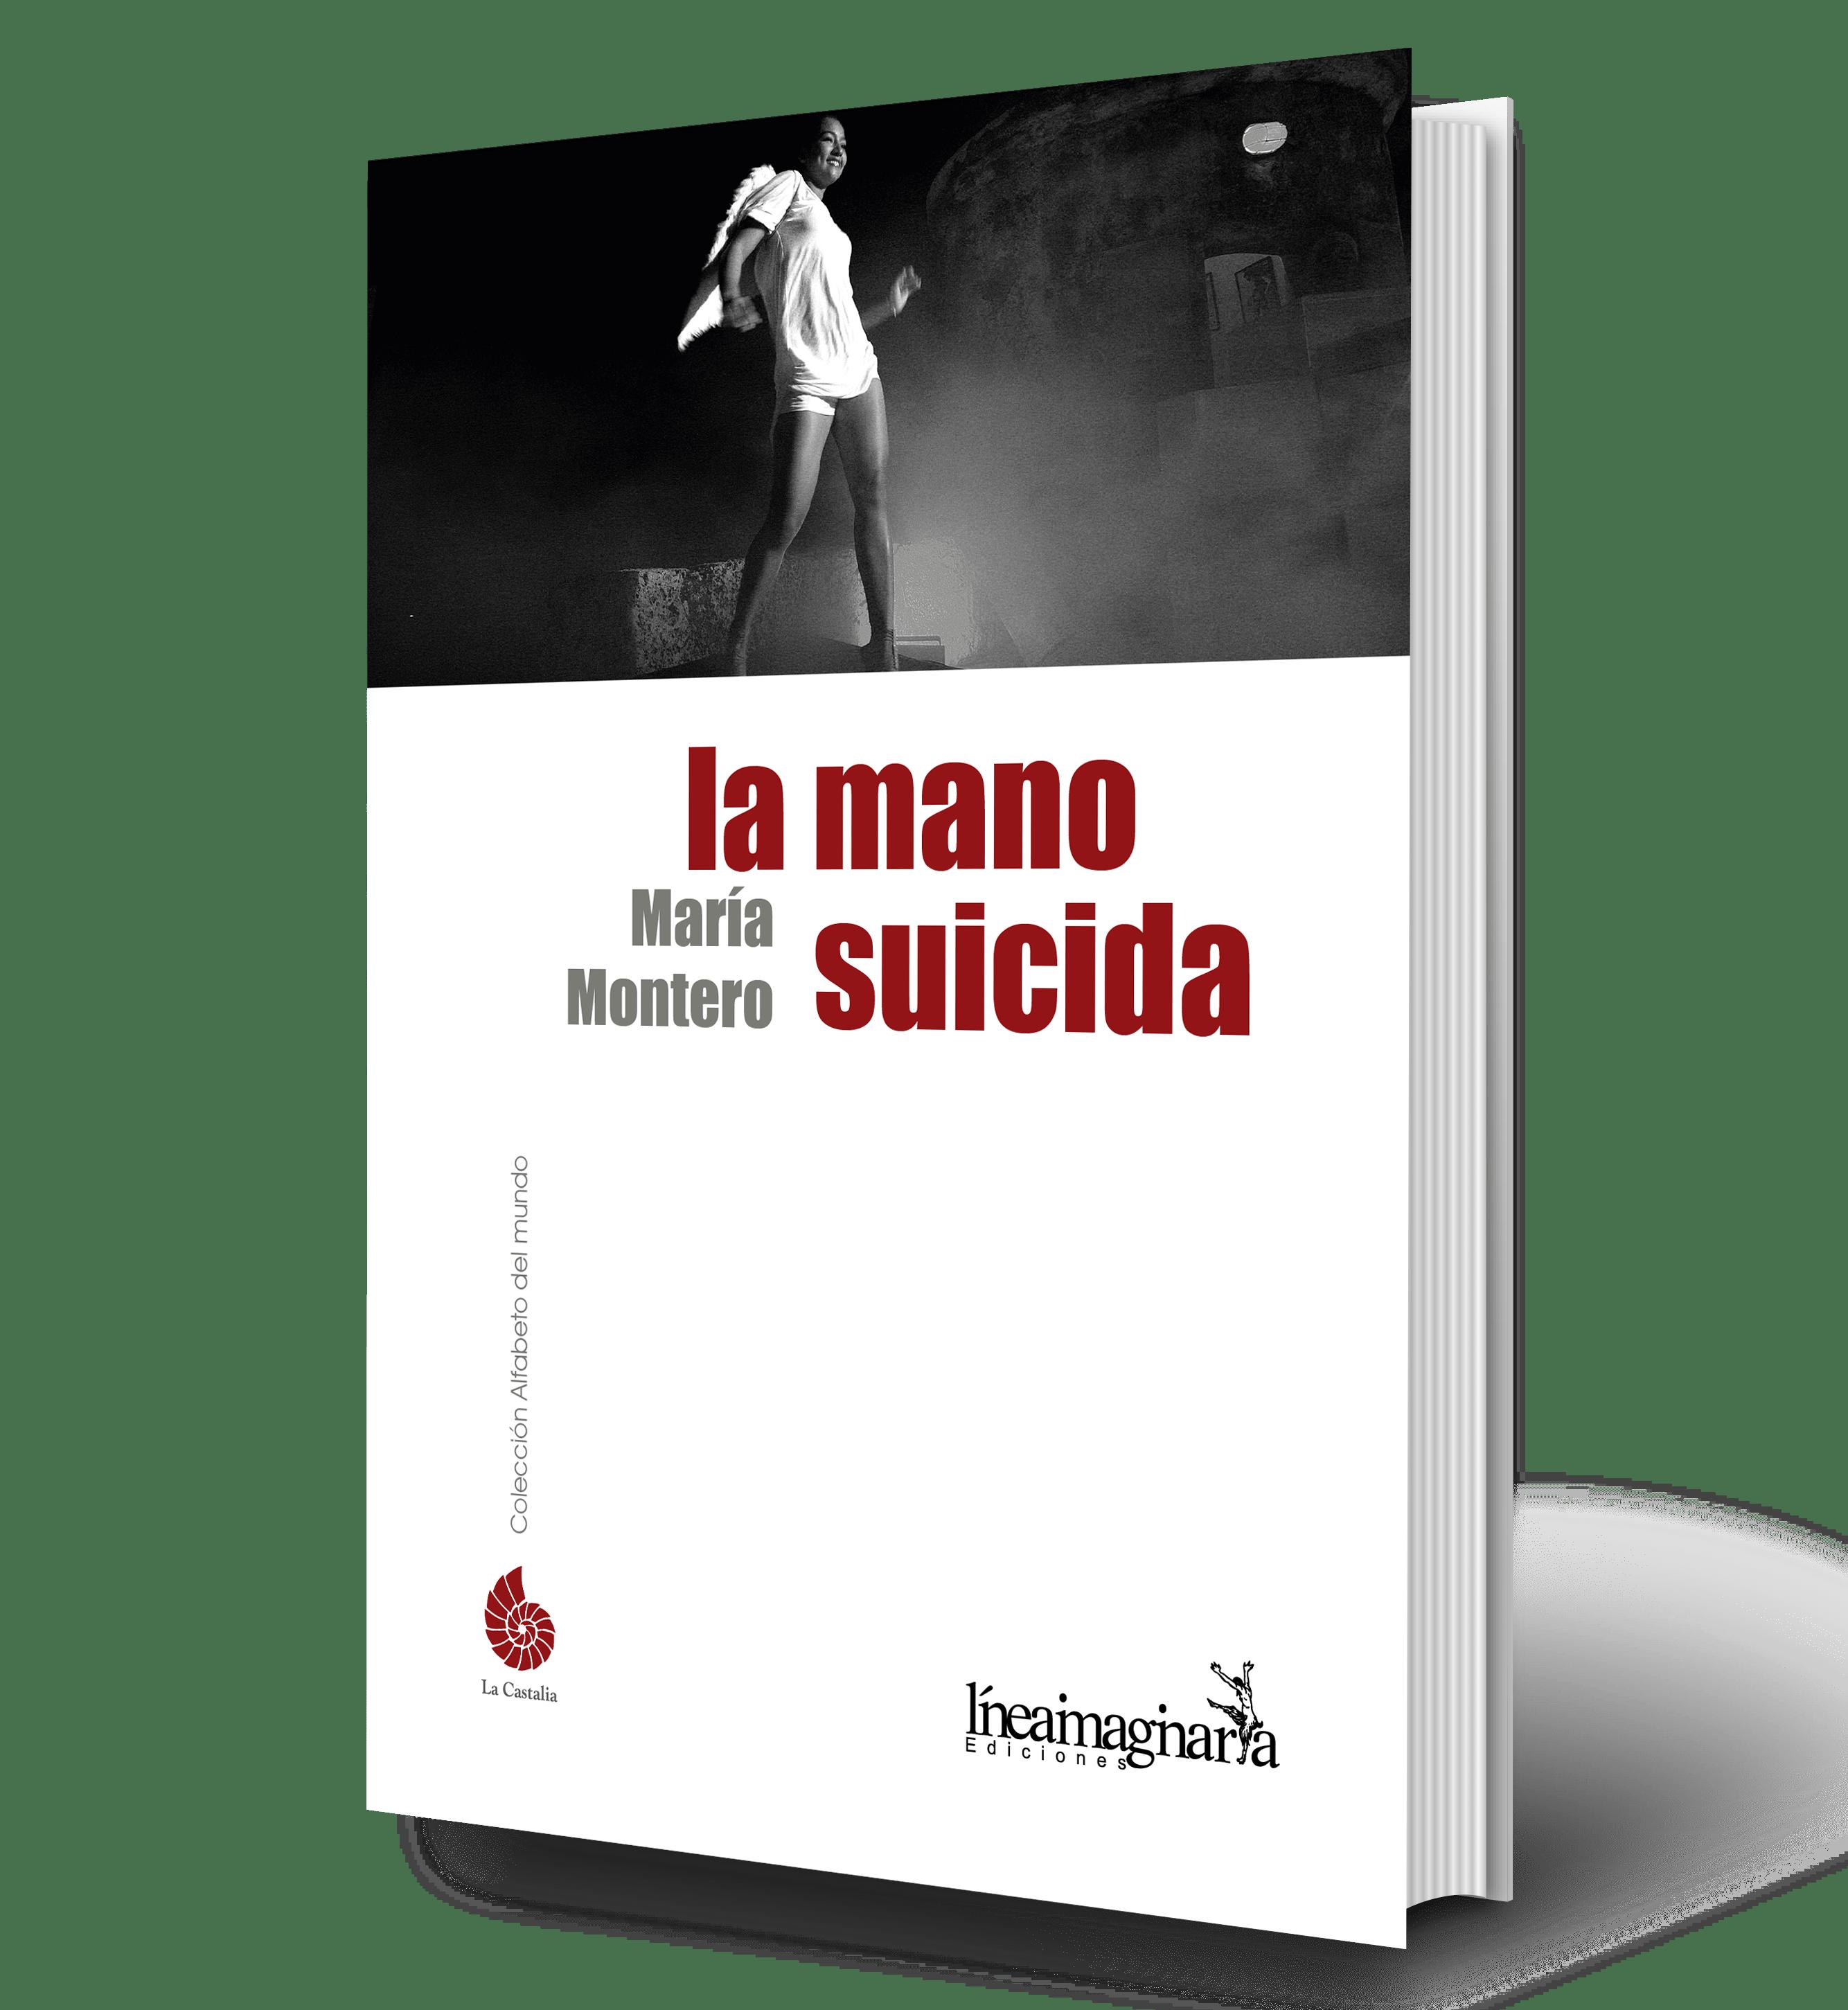 La mano suicida